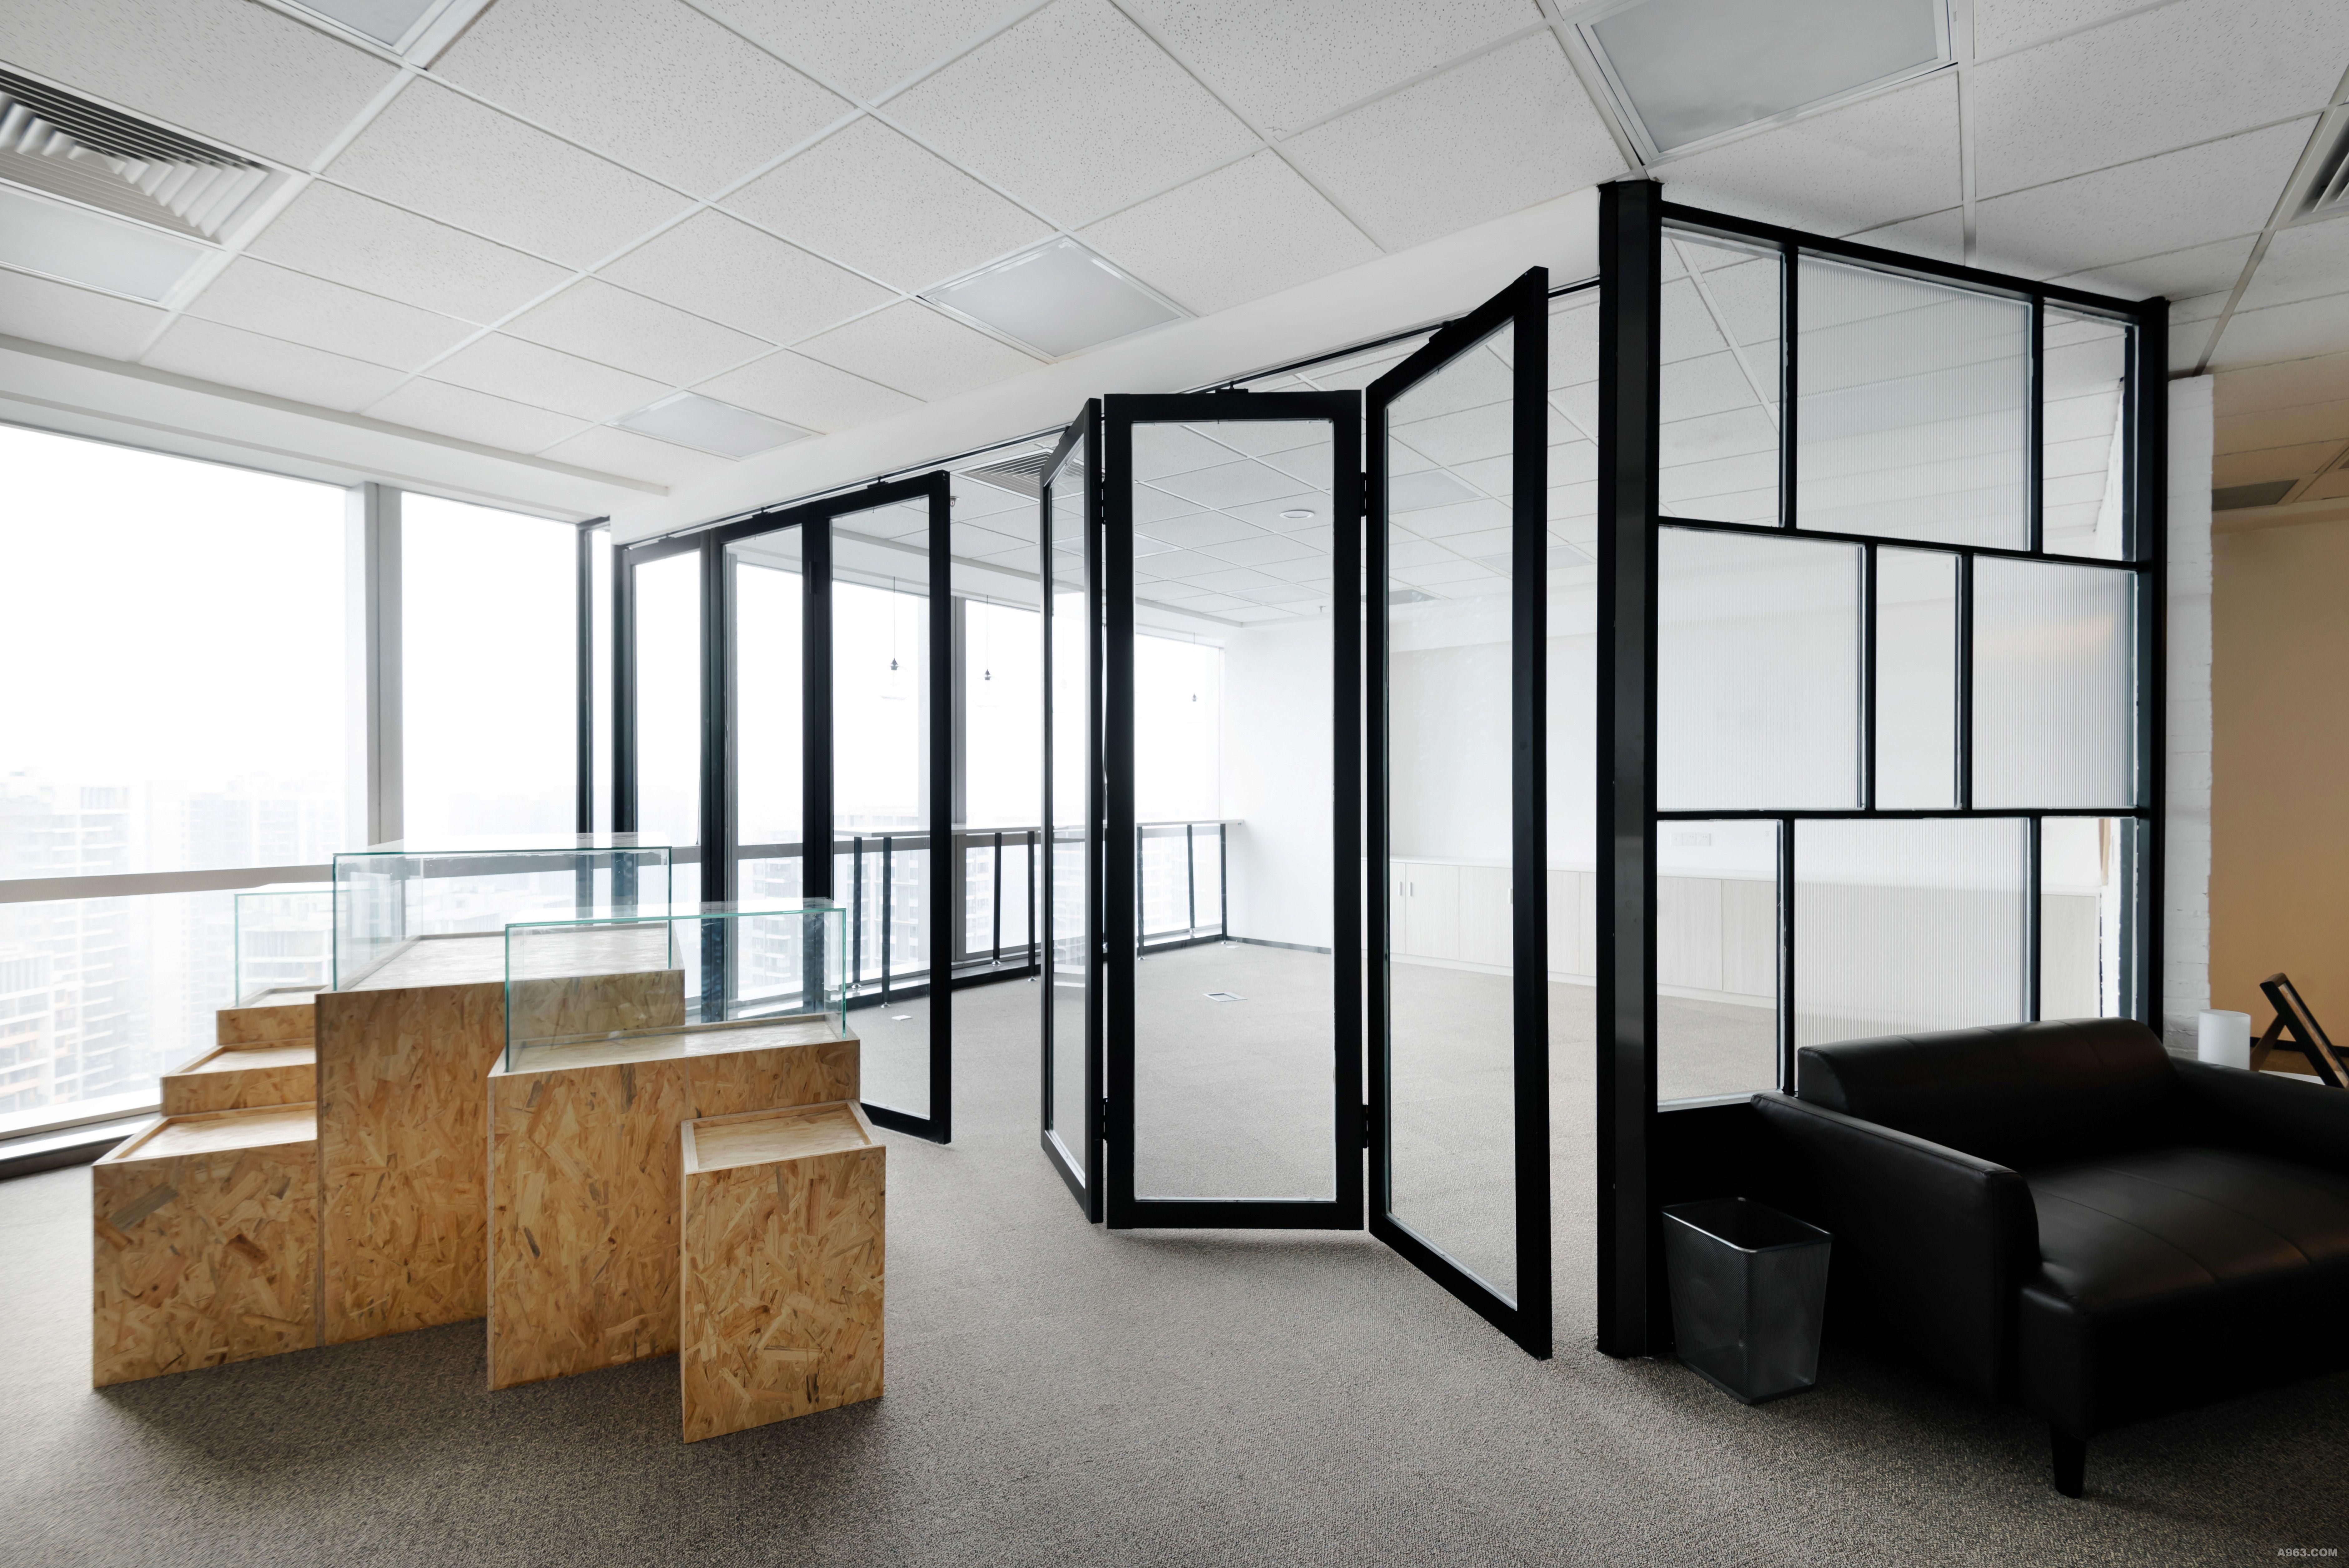 这是一个麻雀虽小五脏俱全的项目,甲方要求在这异形110m²空间里容纳7大功能;作为一家影视设备租赁公司,本案提取像素作为设计概念,像素是构成数码影像的基本单元,以像素化传达业者内心的世界:不忘初心,回归本真。用像素小方点的形态架构在空间中,重组、解构,例如接待台玻璃砖的运用等,这是像素的世界。小方点就是构成影像的最小单元--像素,用小方块规律并排,高低错落构成像素展柜陈列区。